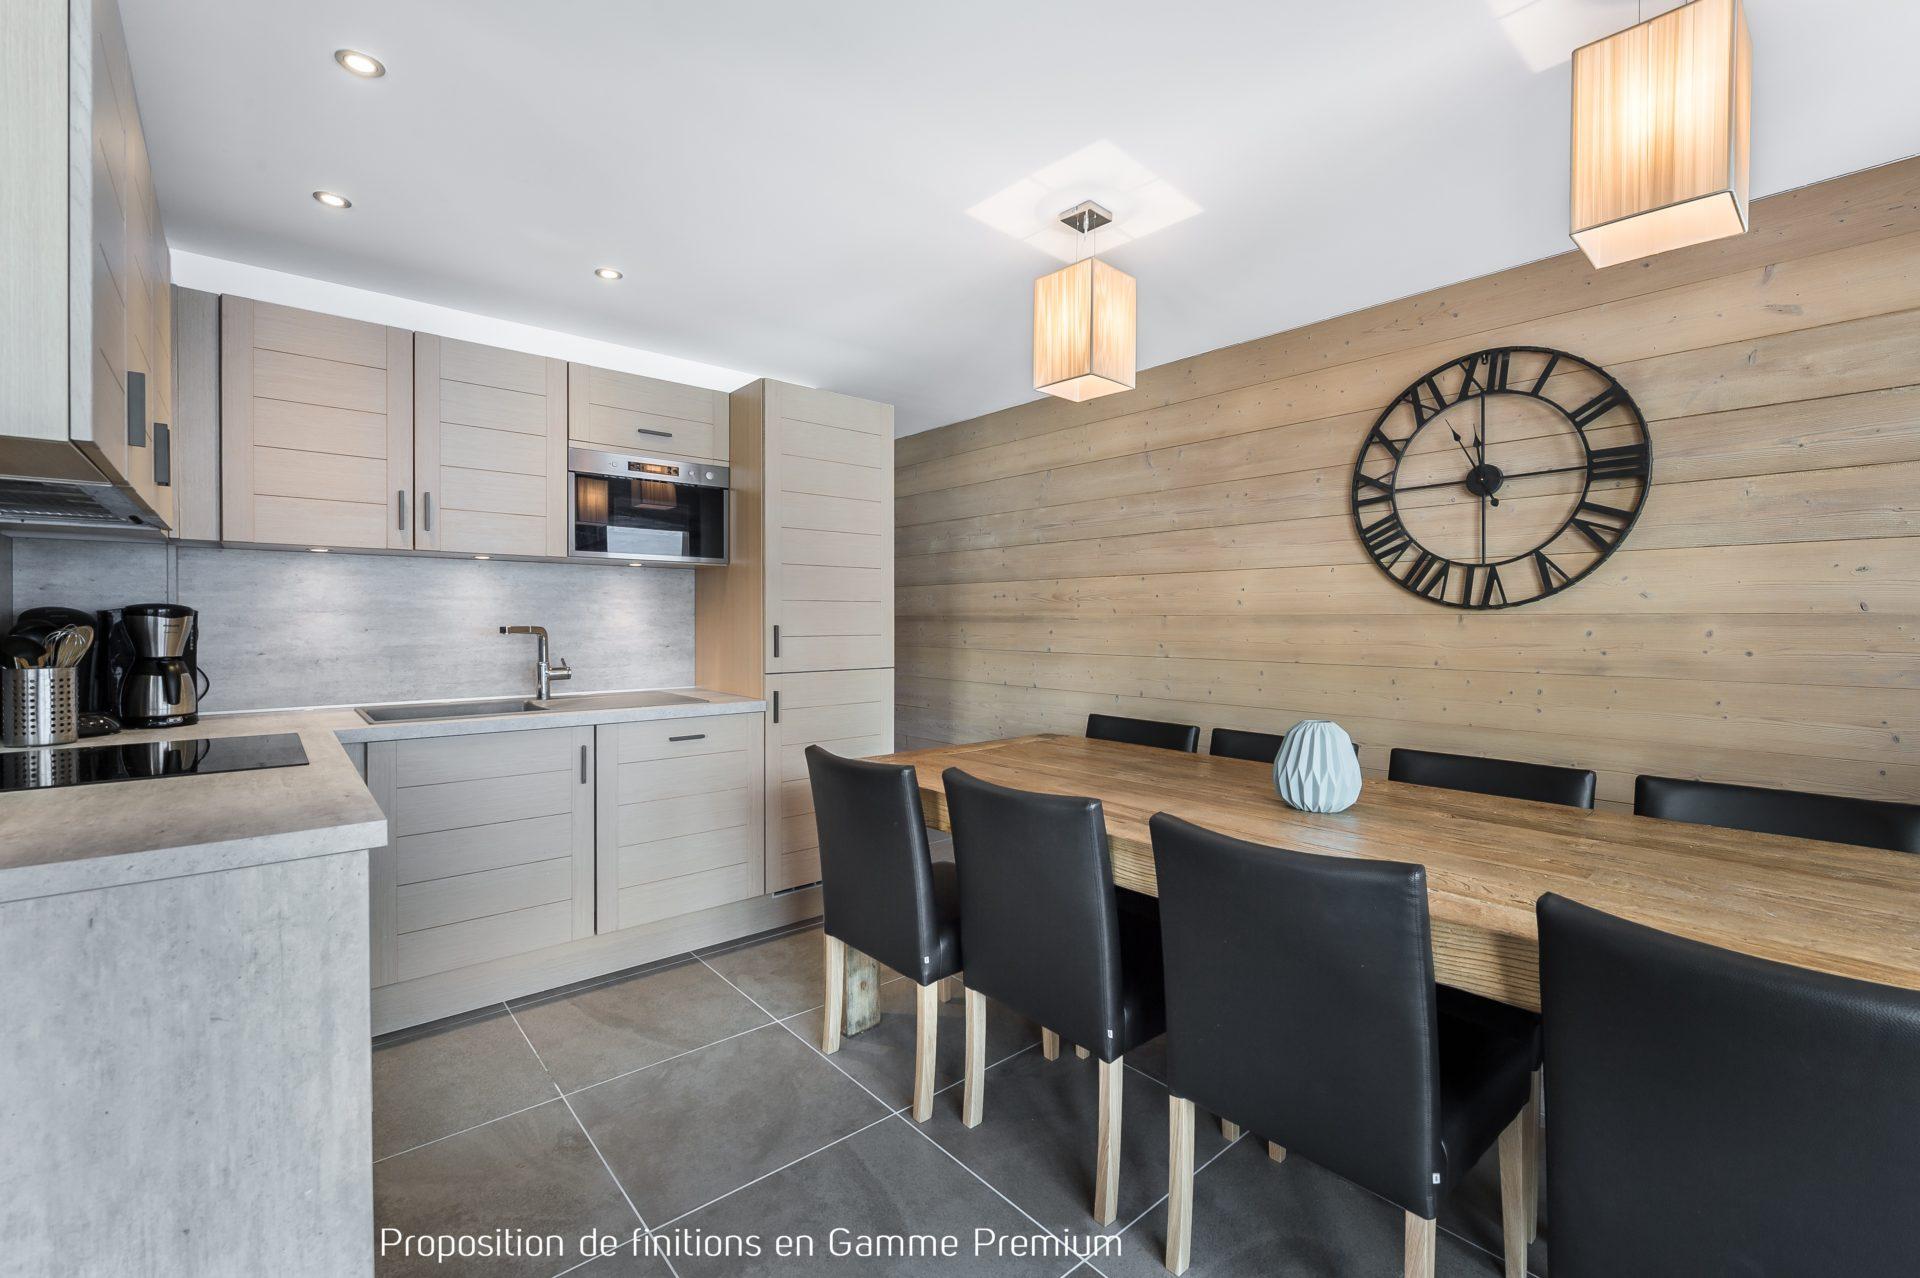 Trolles Prestige n°2 Gamme Premium Saint Martin de Belleville Savoie France